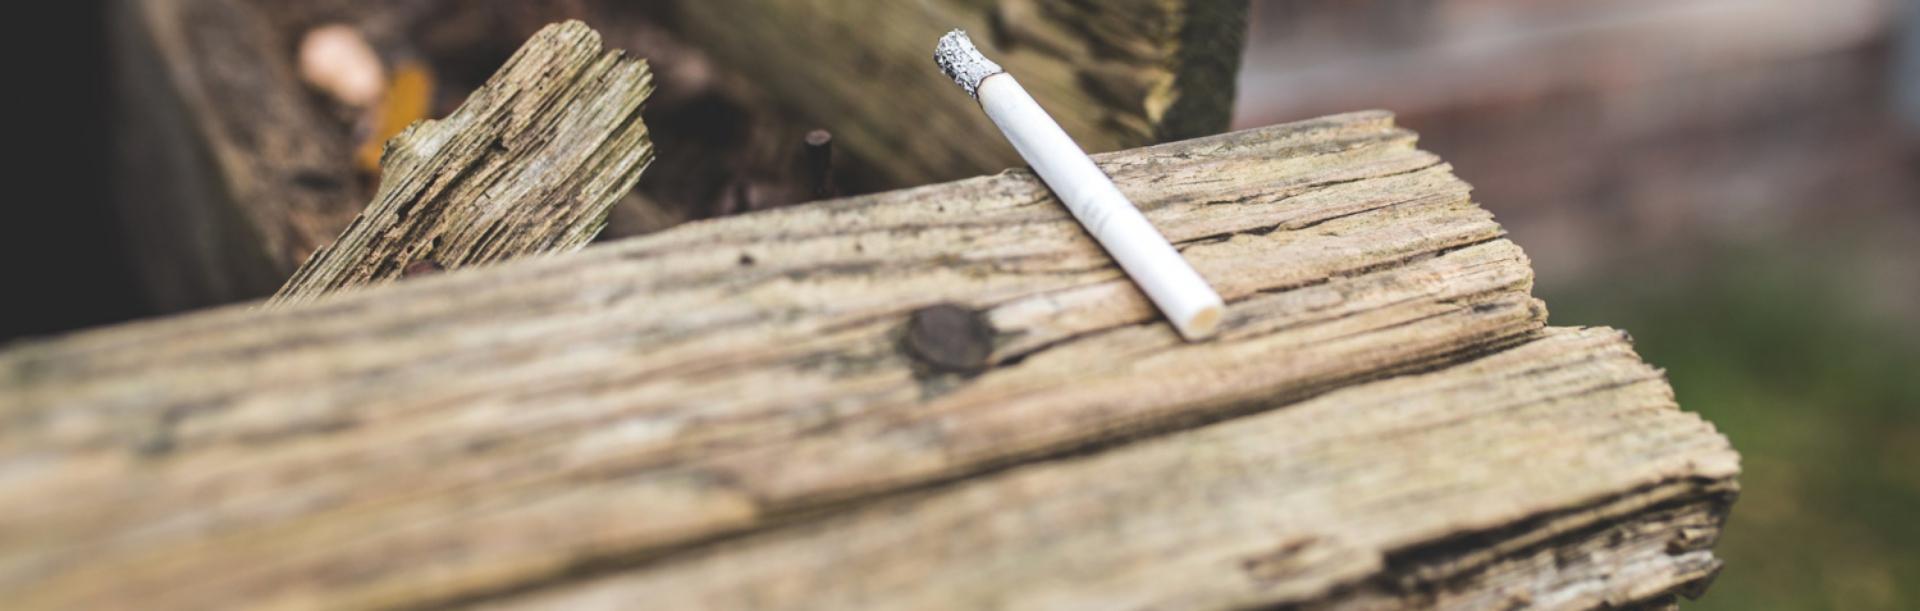 jakie metody na rzucenie palenia są najskuteczniejsze?